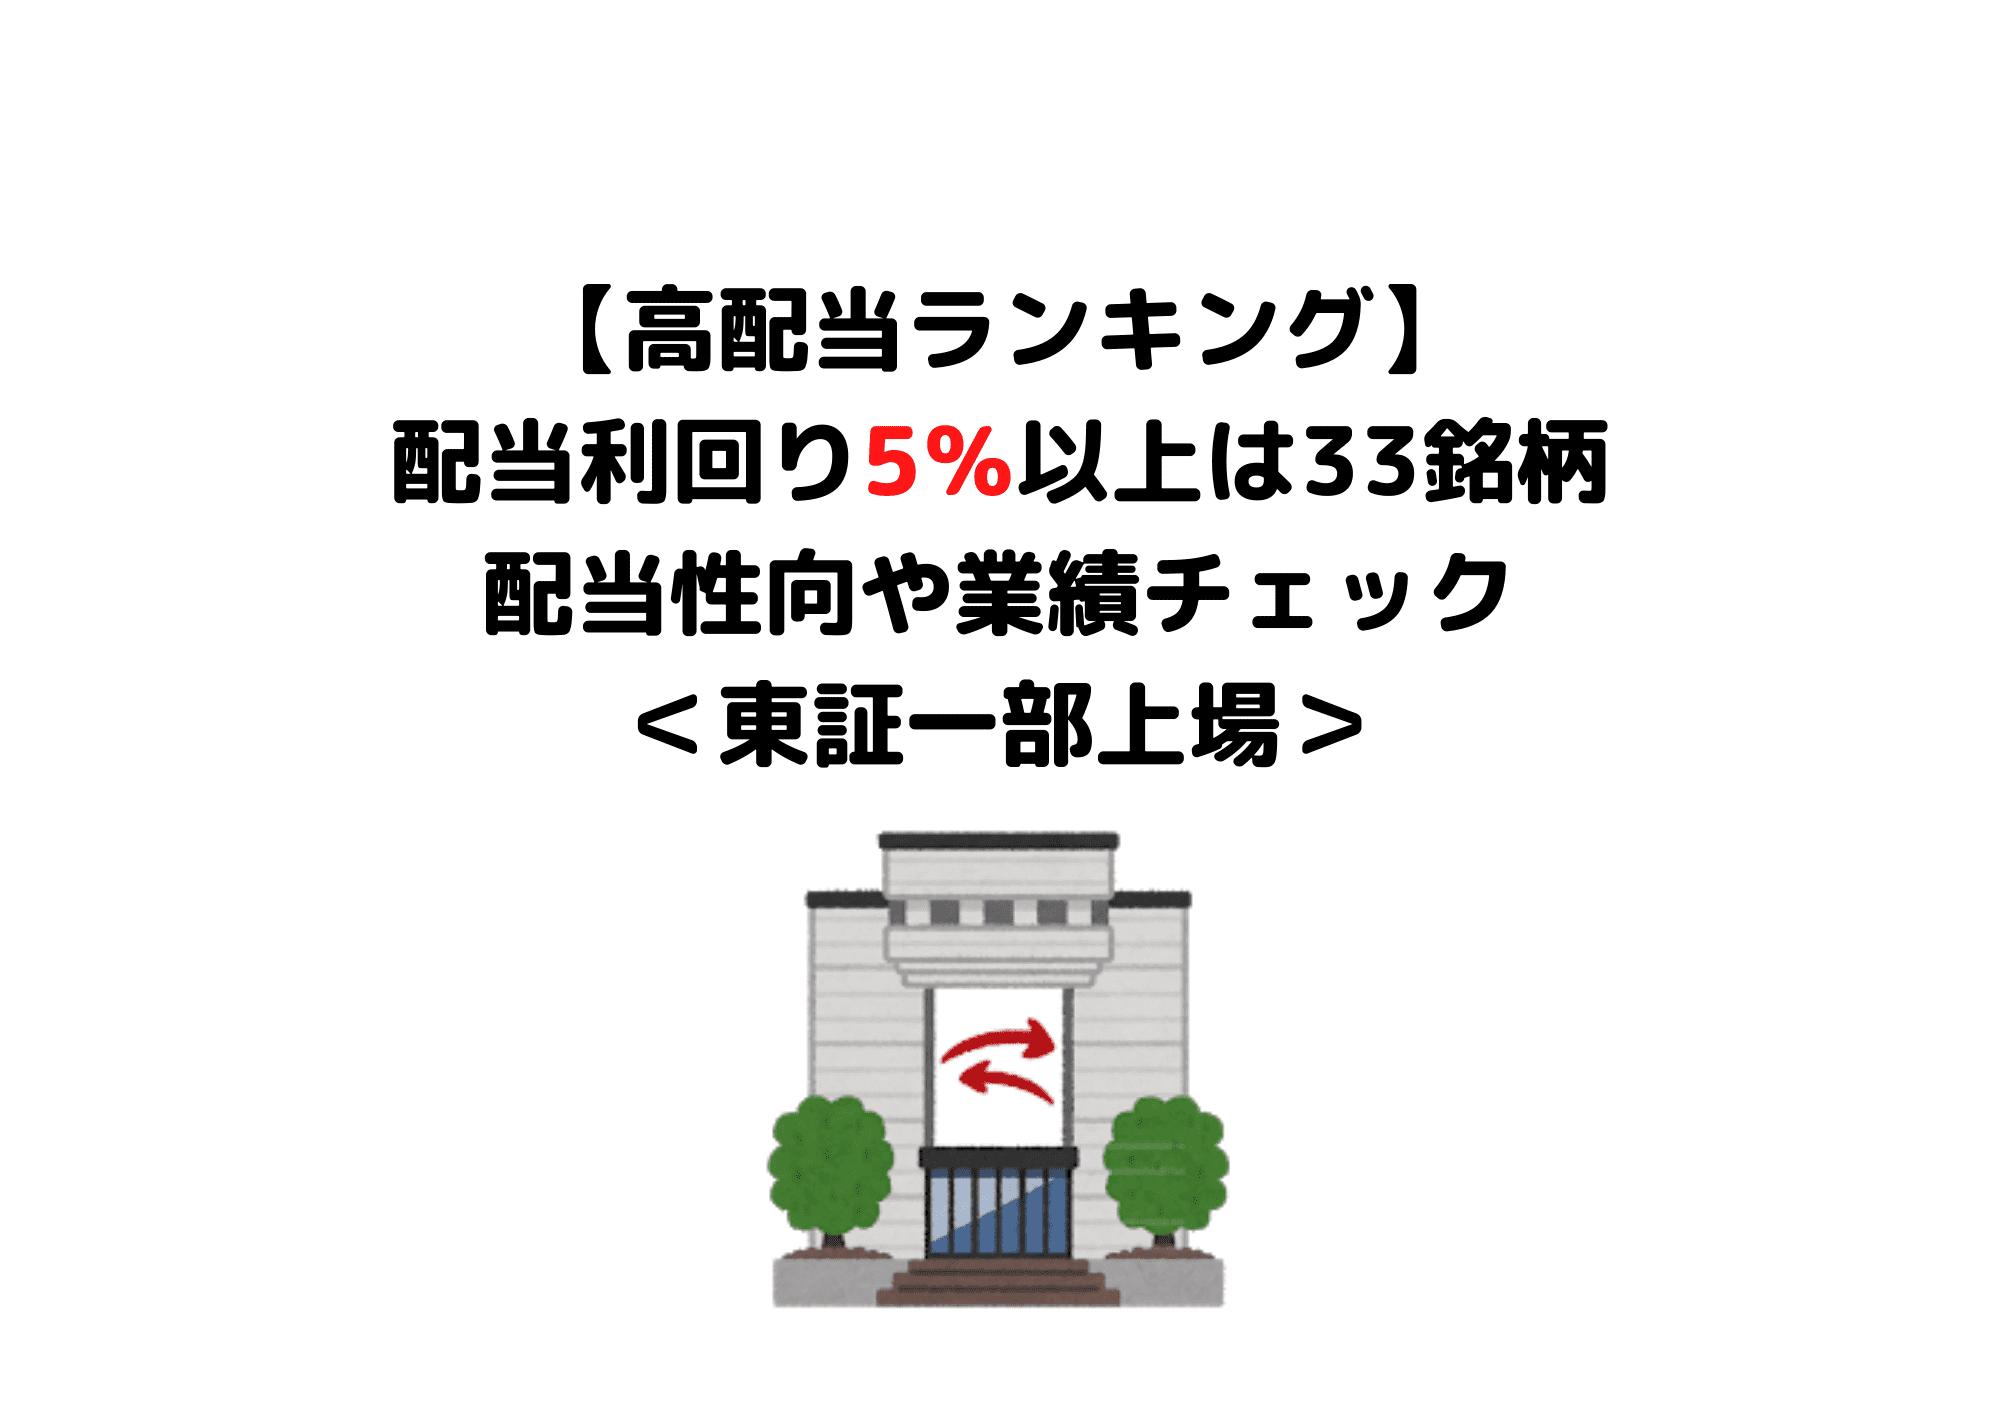 高配当ランキング12.2 (1)